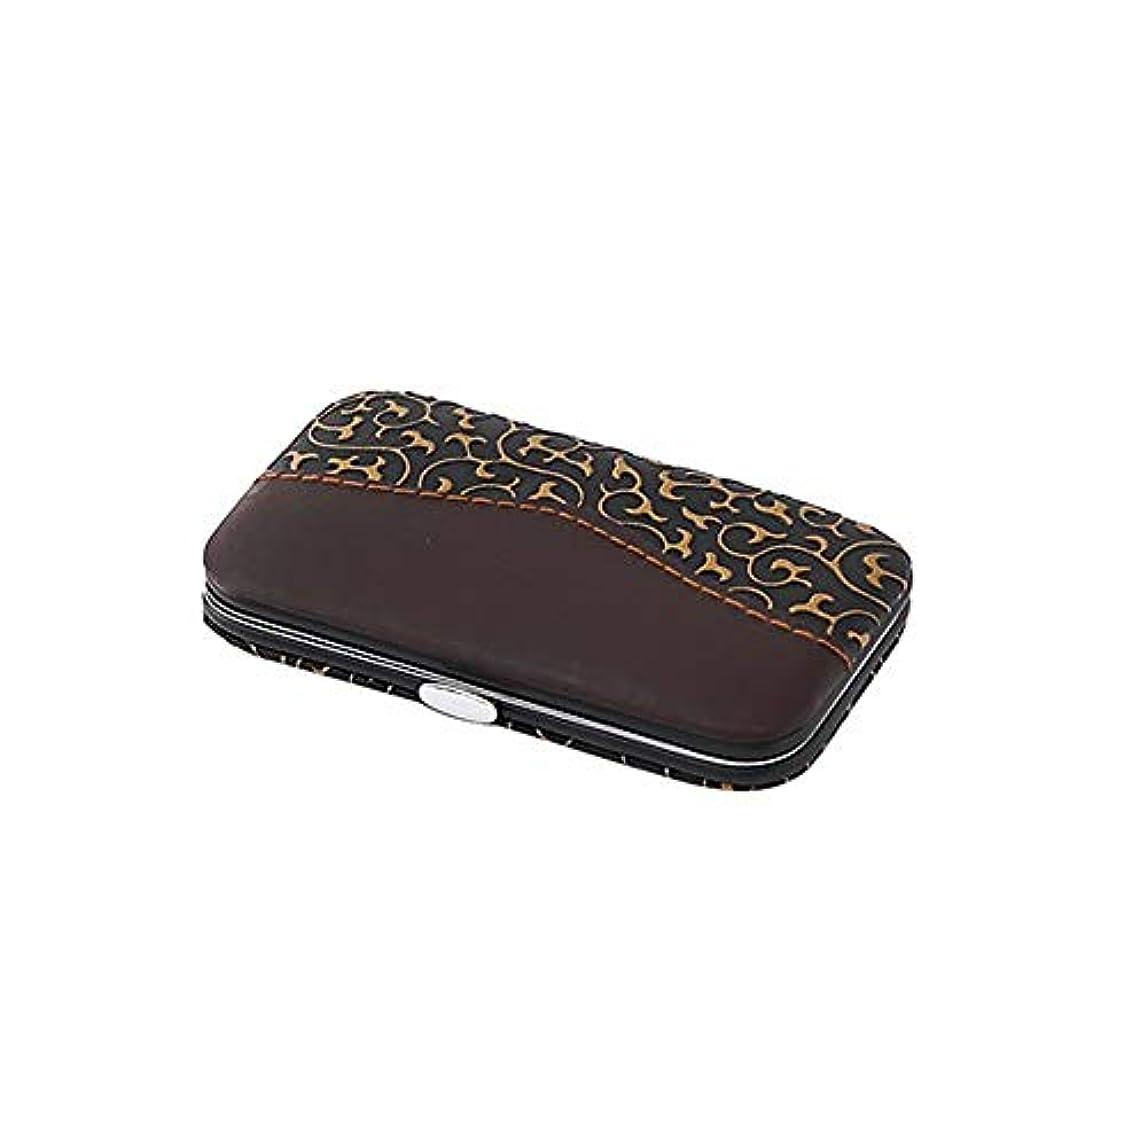 生寛容なマニアック7 in 1ネイルケアセット携帯便利男女兼用爪切りセット金龍PUレザーケース付き